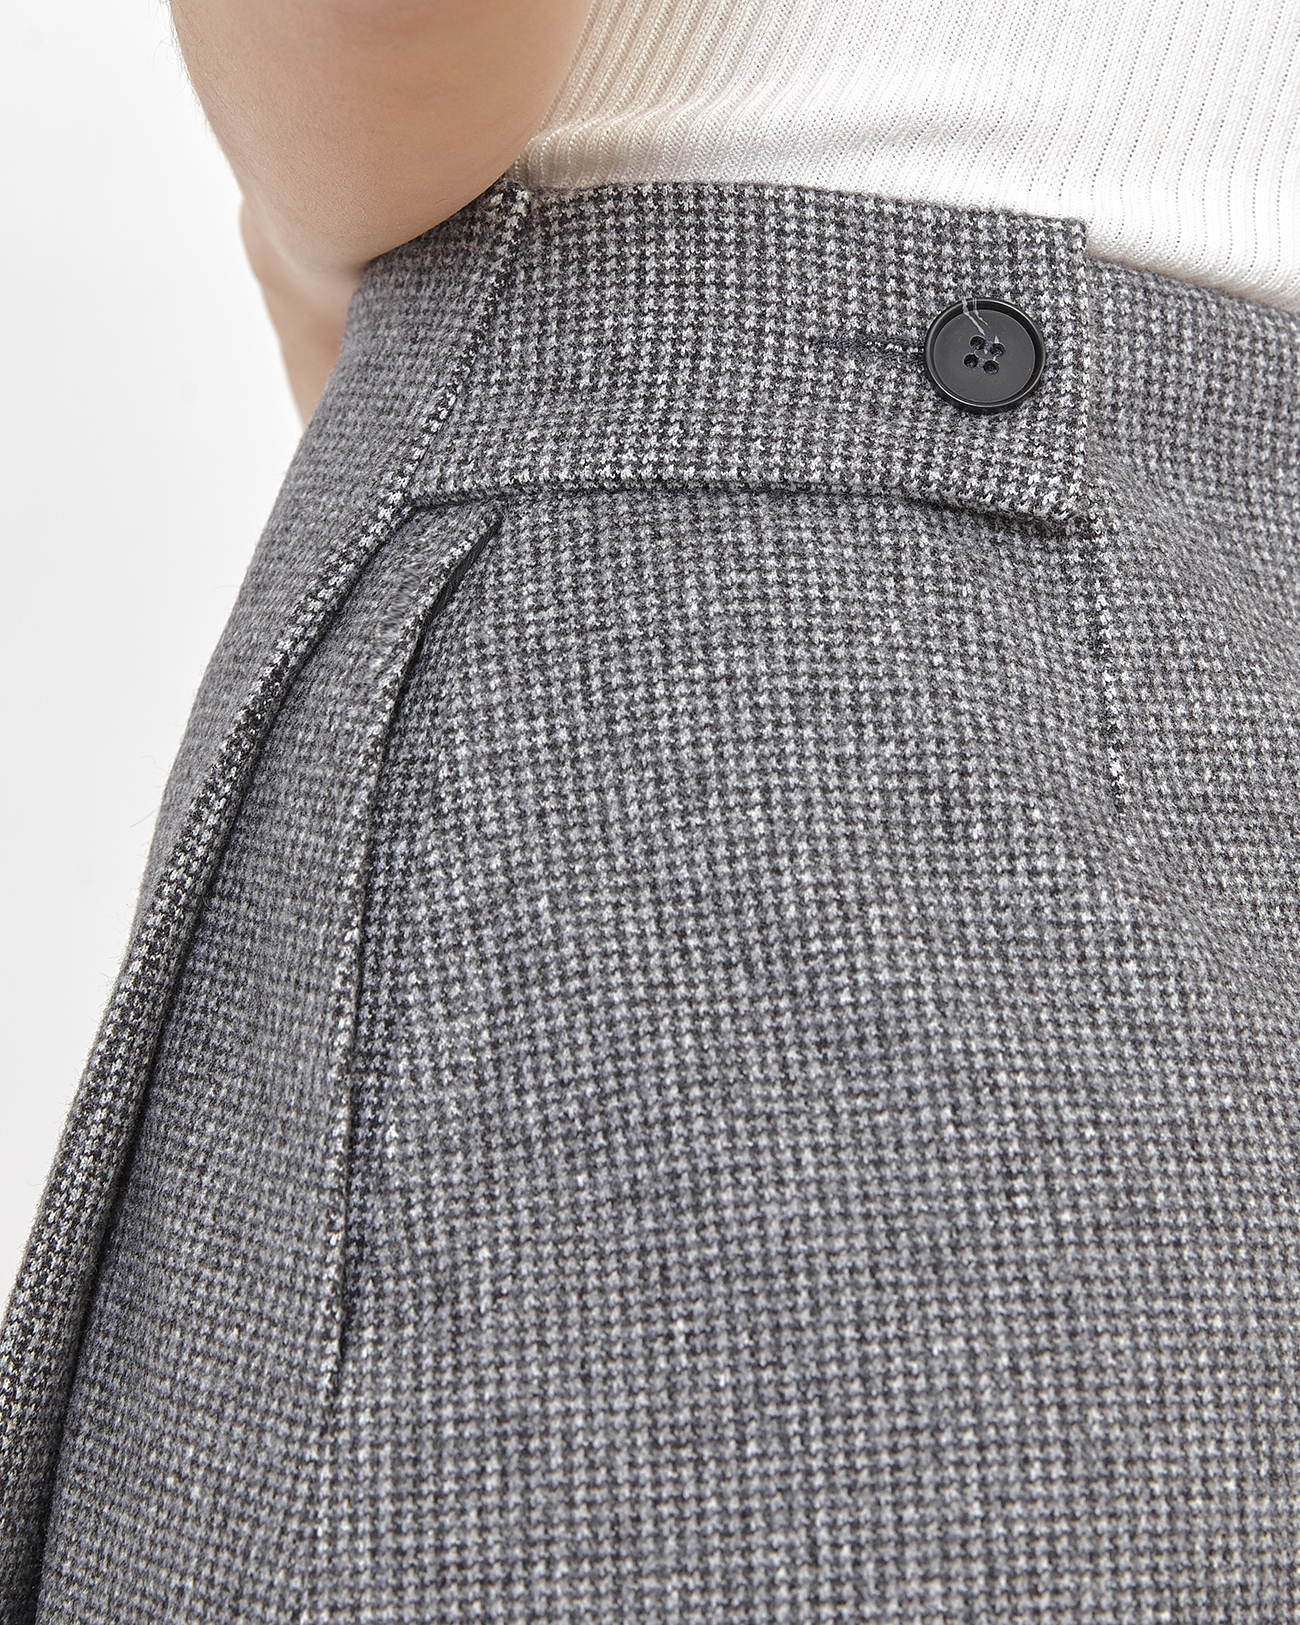 Юбка мини на запах серого цвета фото